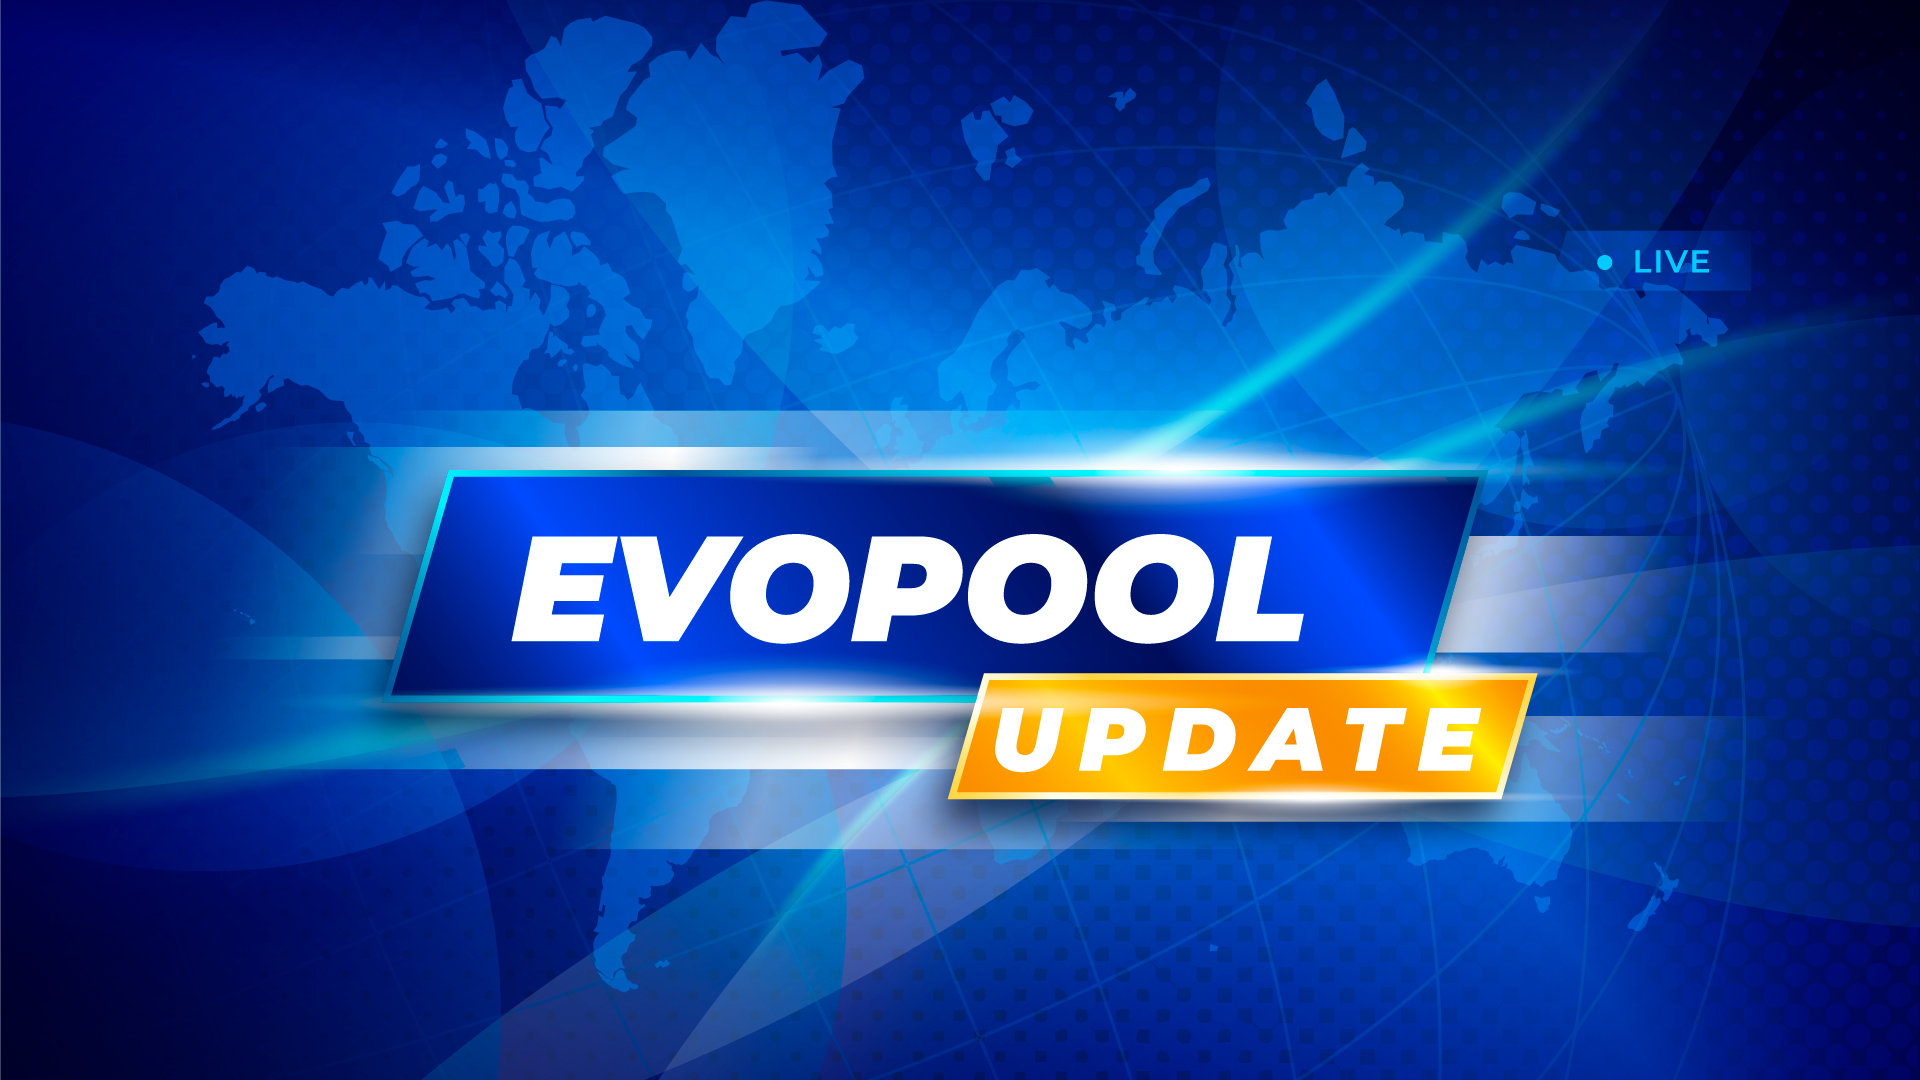 EVOPOOL UPDATE